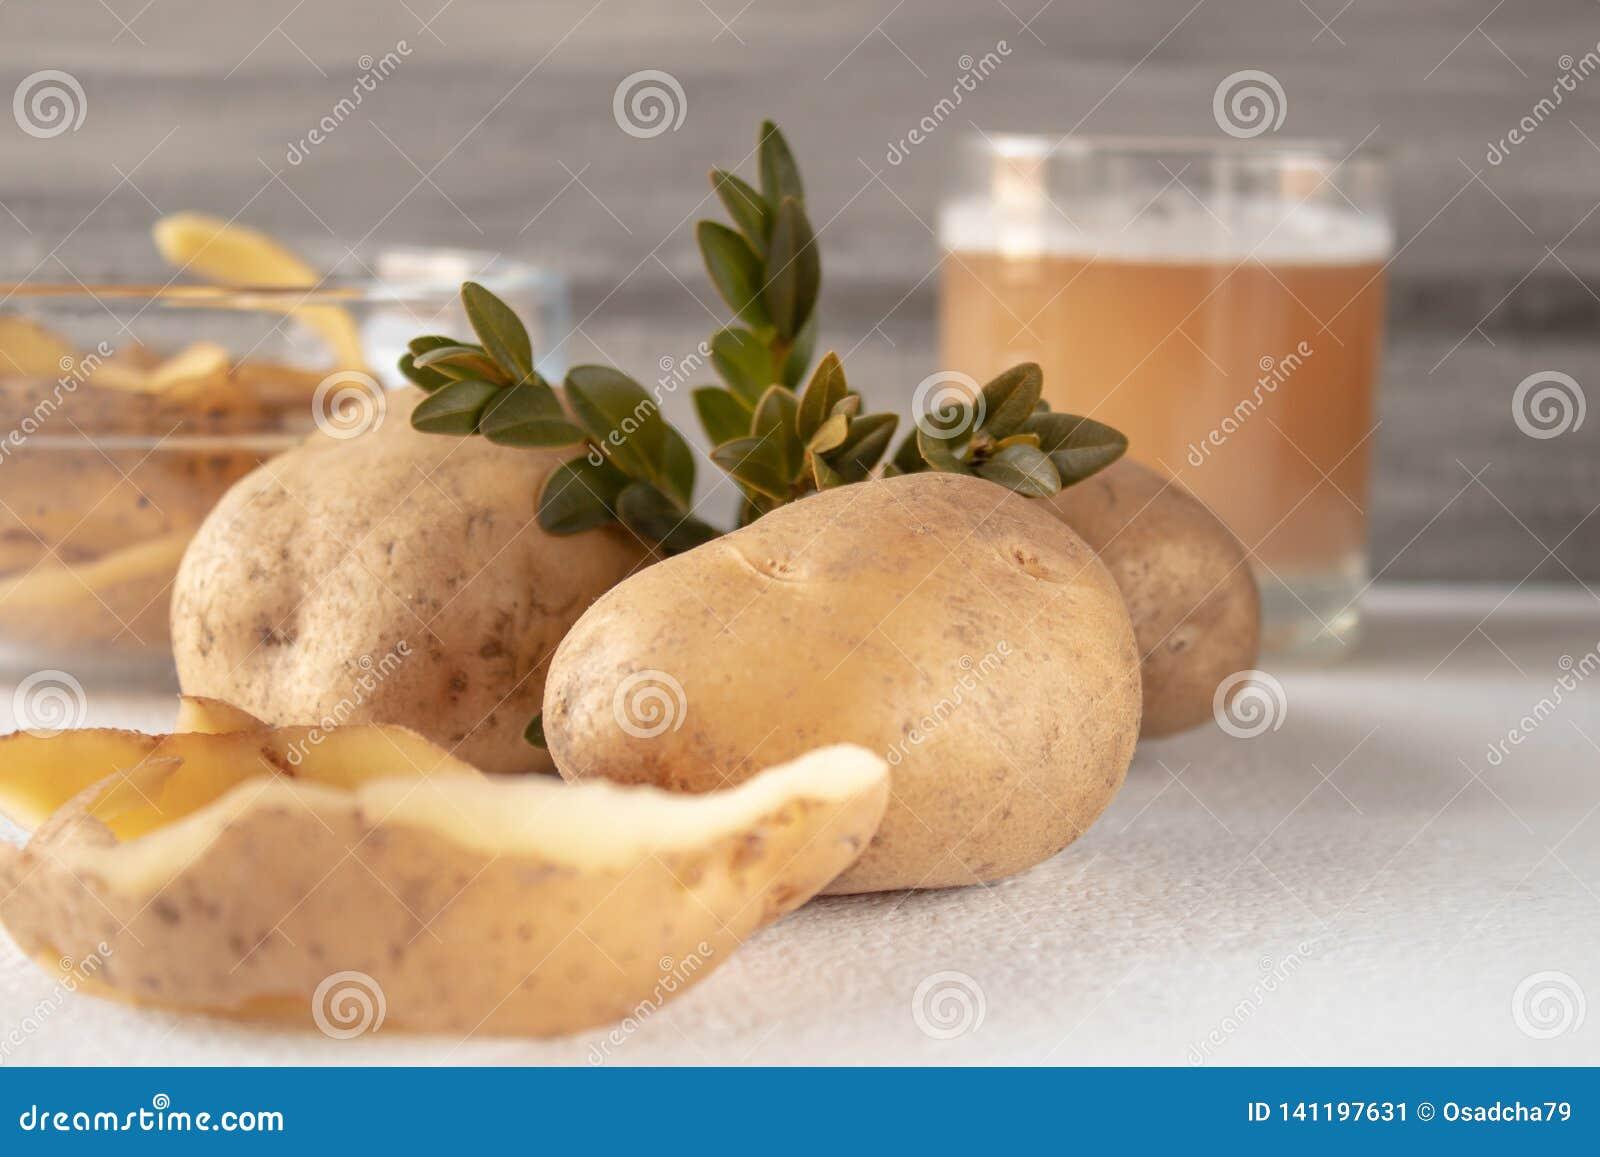 汁液用在玻璃的土豆 被剥皮的土豆